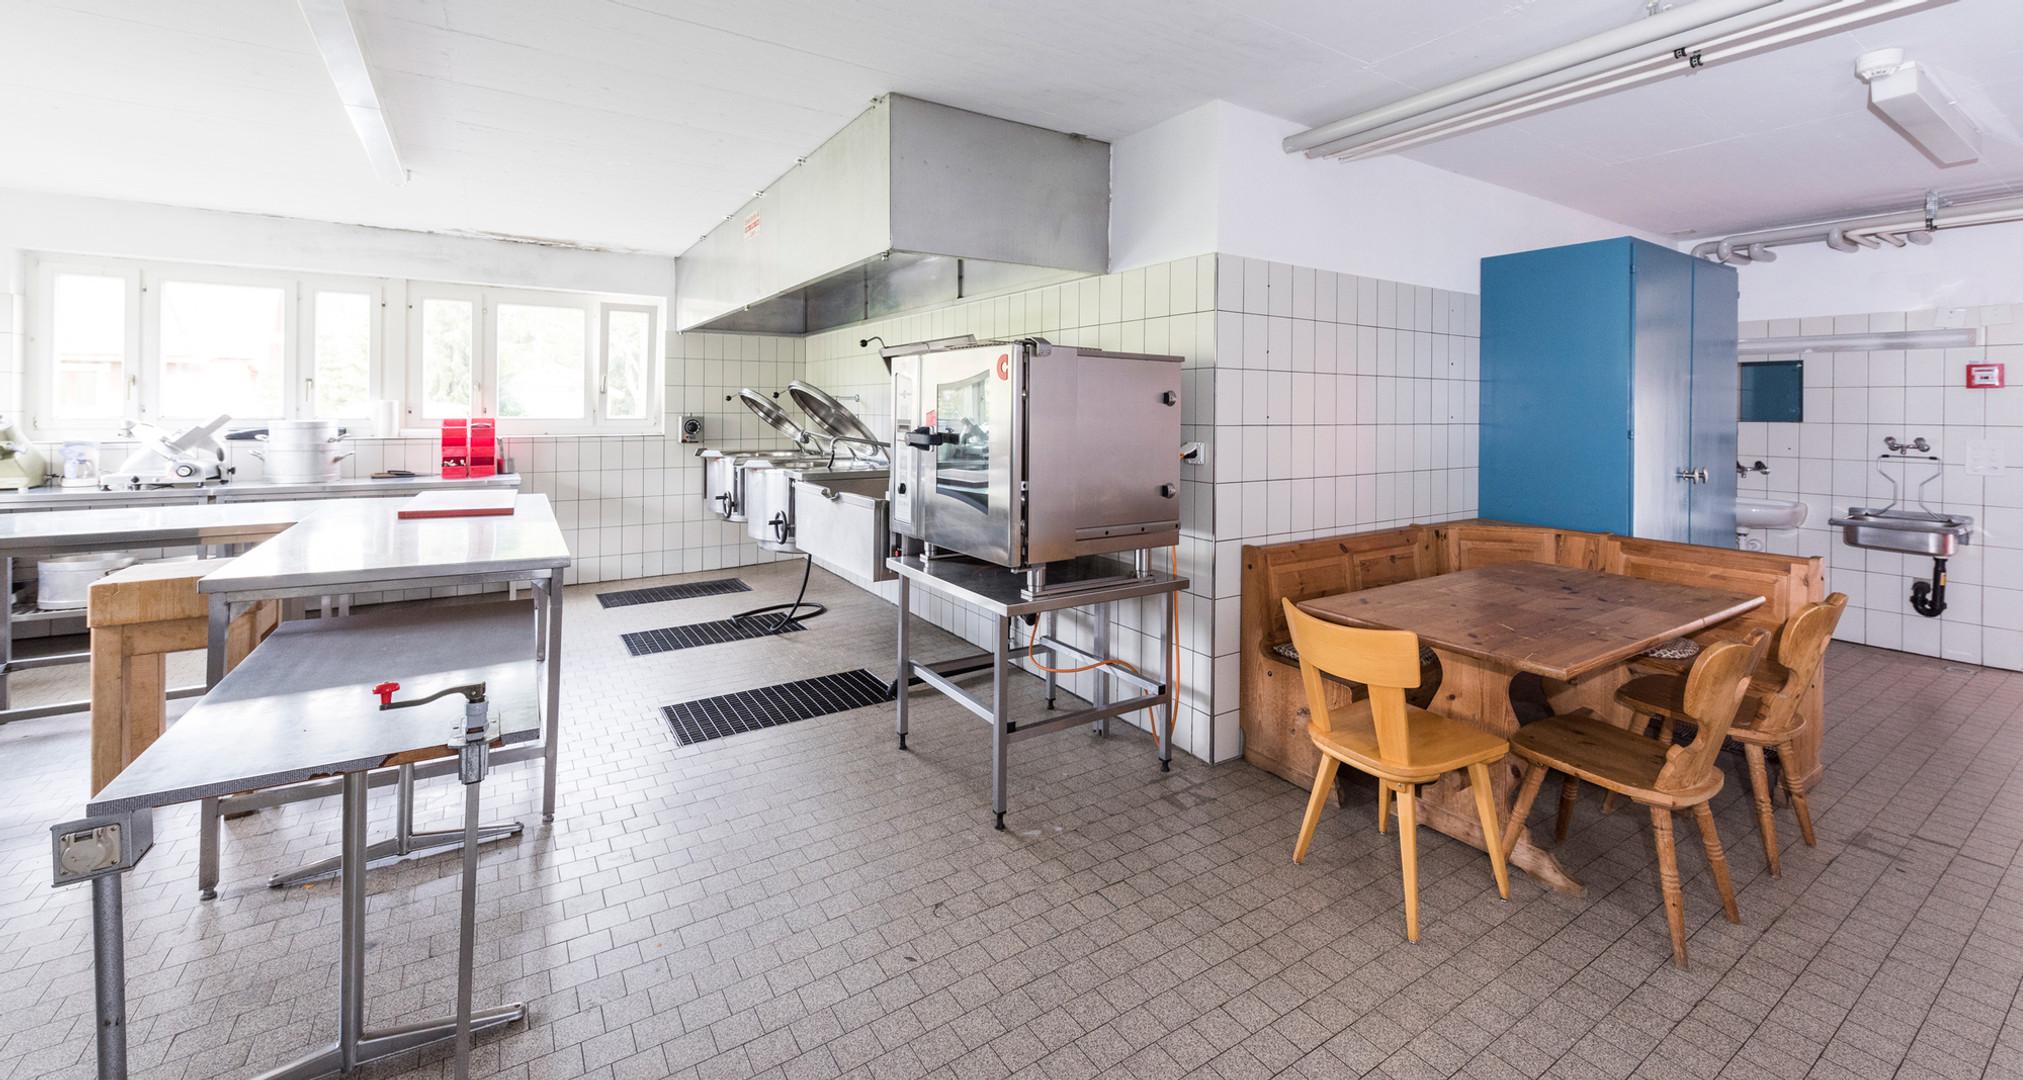 Professionell ausgestattete Küche im Lagerhaus in Luzern